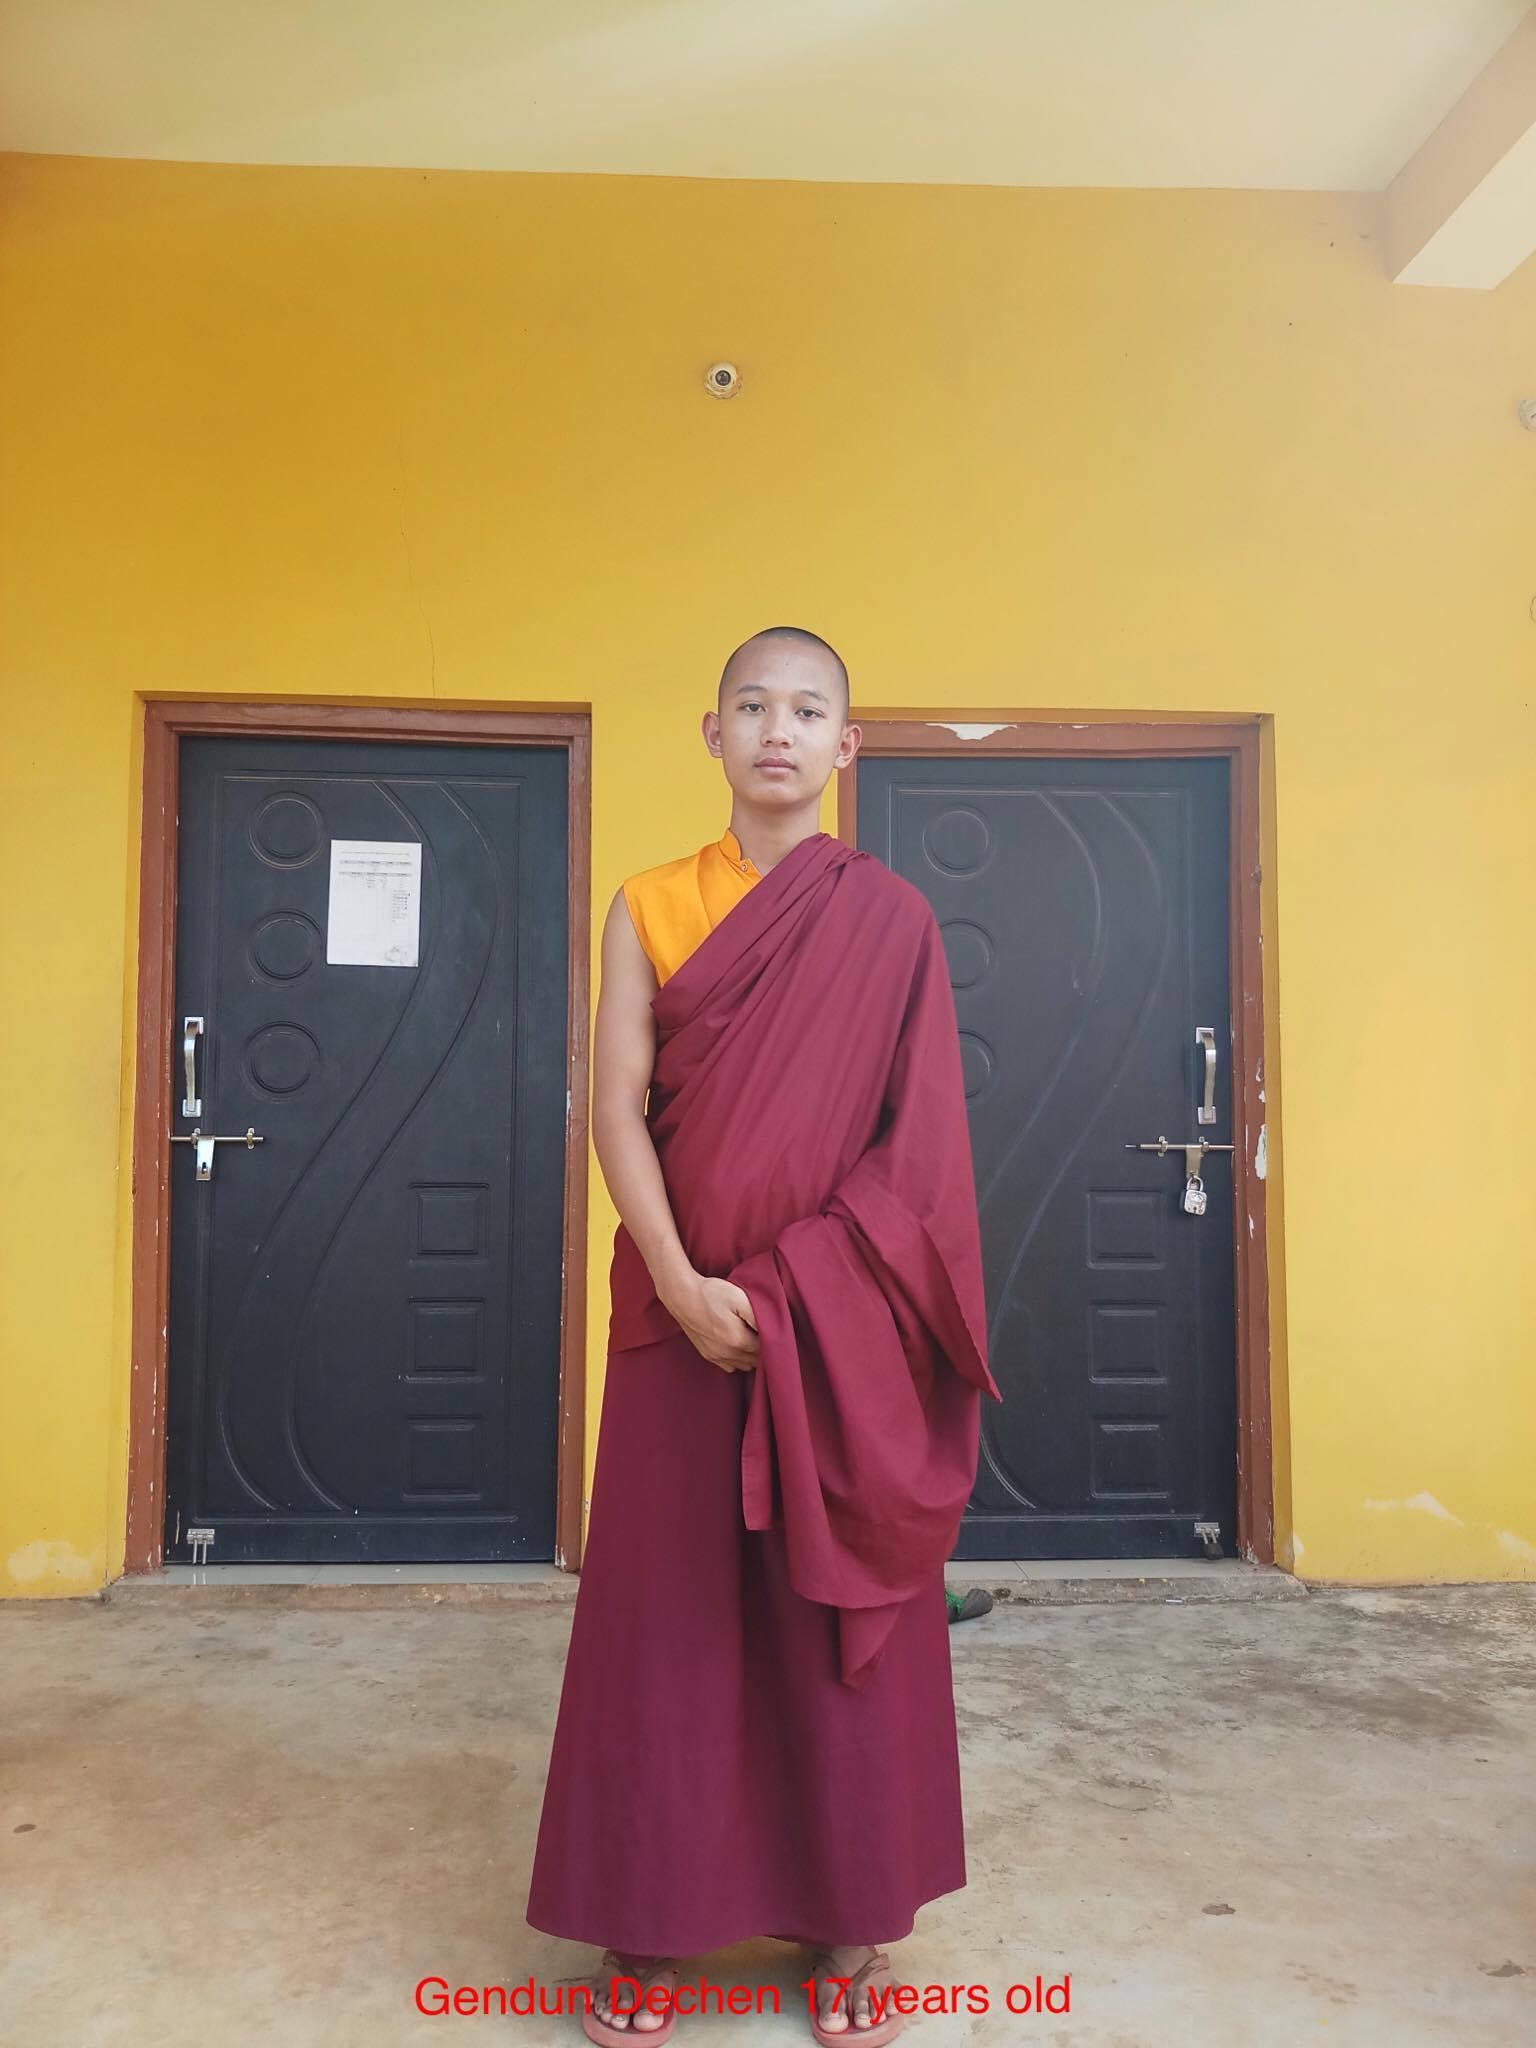 Monk_Genden_Dechen_17yrs_old.jpg